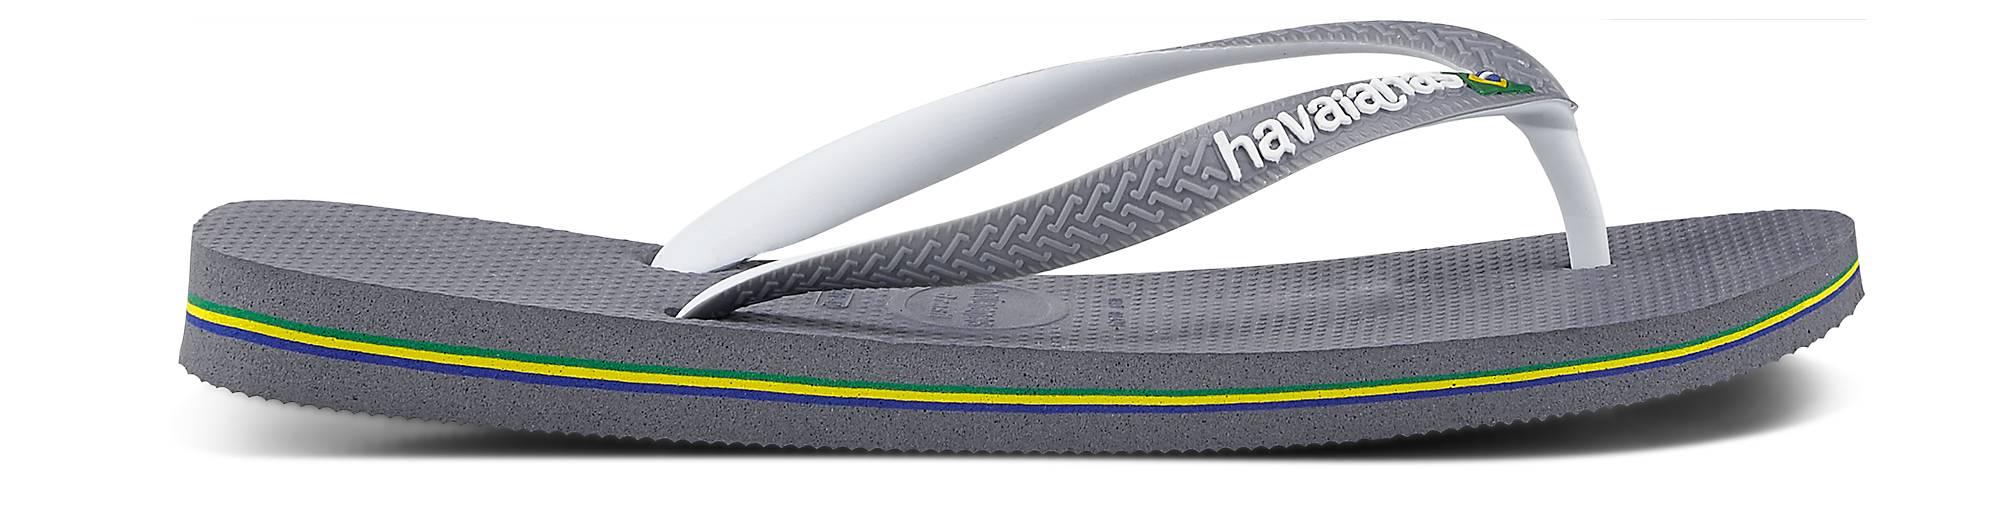 Havaianas Zehentrenner - BRASIL in grau-hell kaufen - Zehentrenner 46406202 | GÖRTZ Gute Qualität beliebte Schuhe 647657